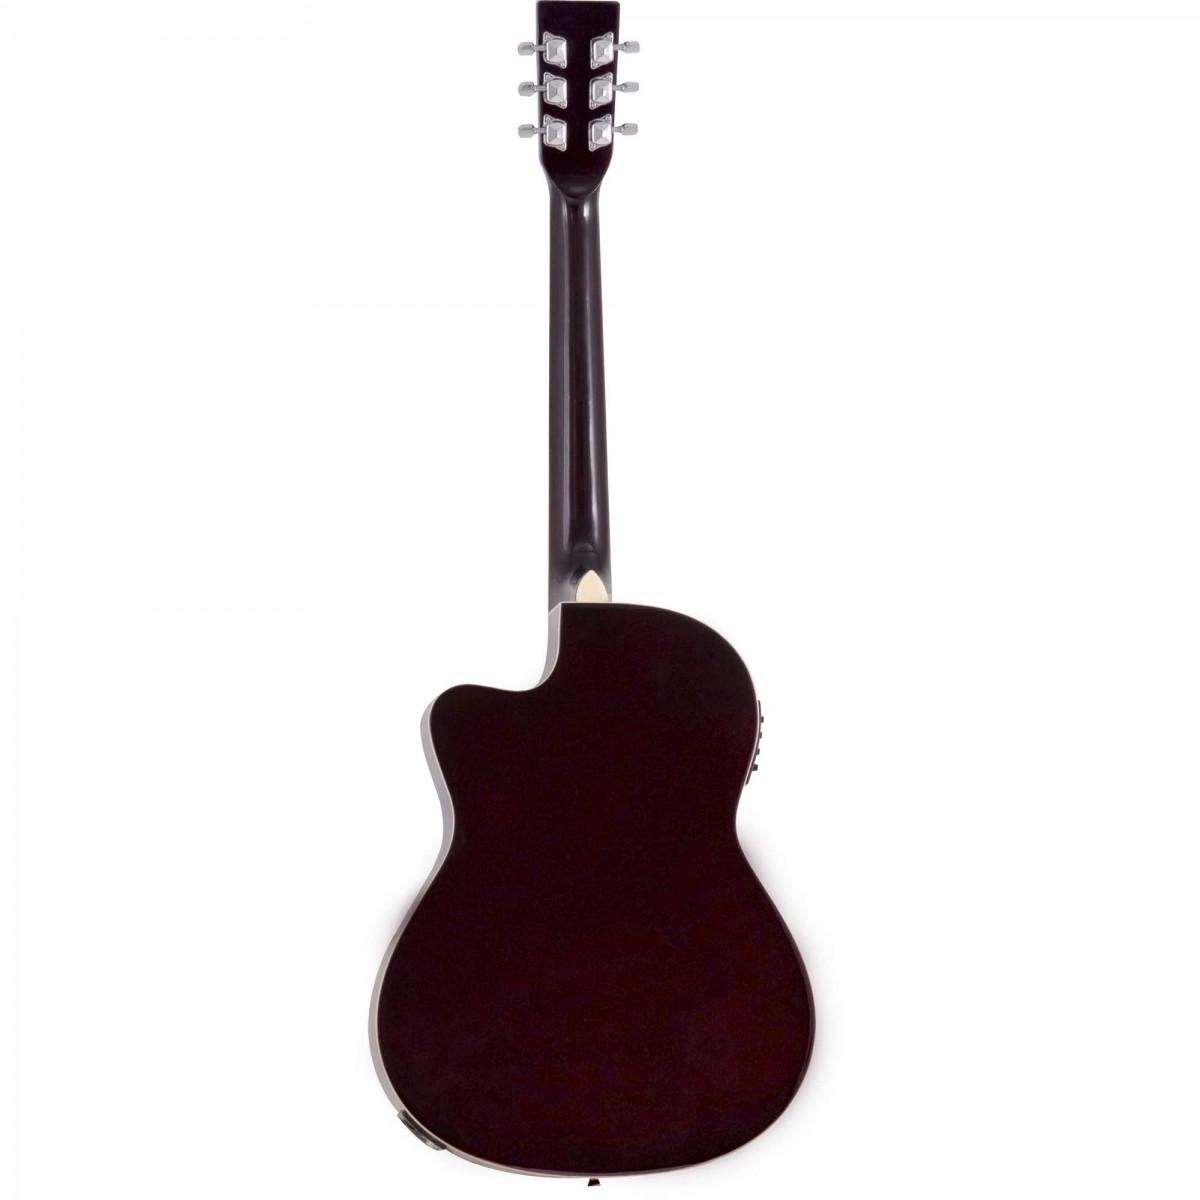 Violão Aço Elétrico Harmonics GE21 Natural Brilhante ou Preto